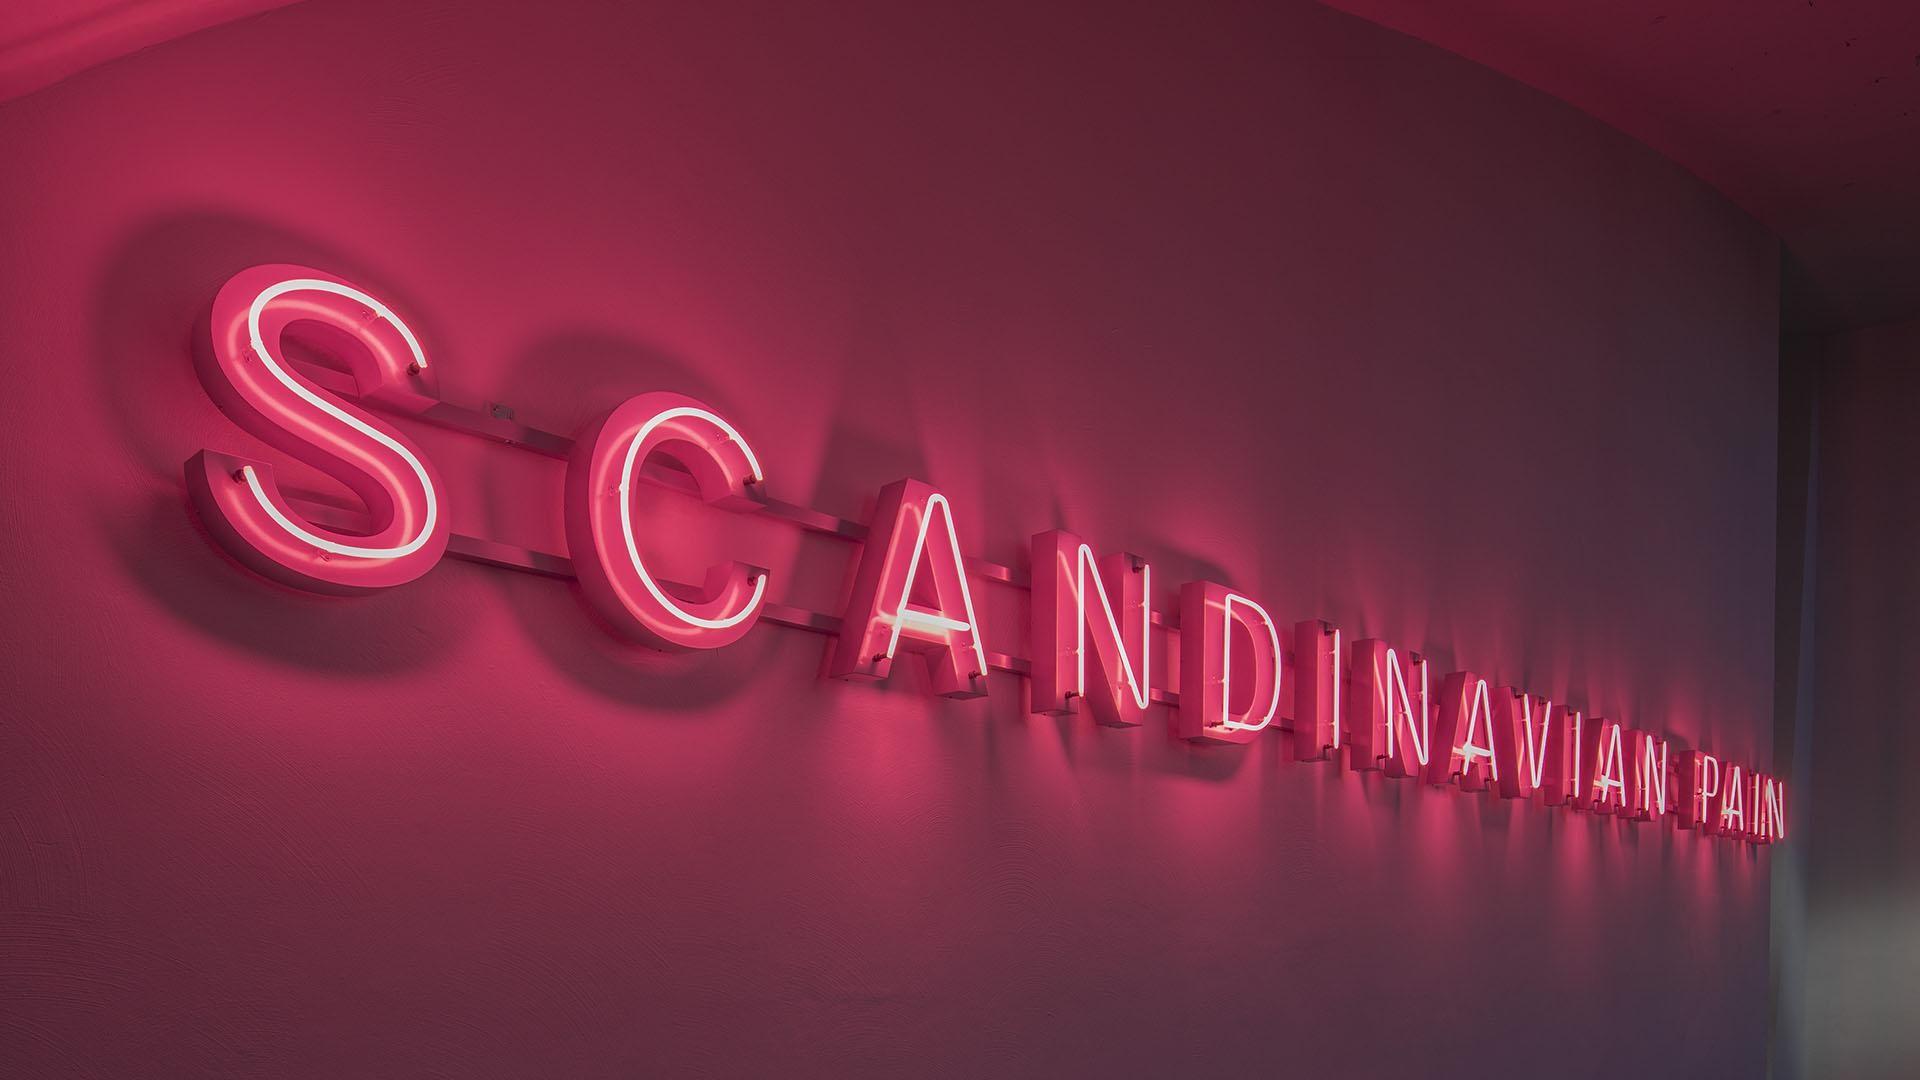 Punainen neonvalo, jossa lukee Scandinavian Pain.